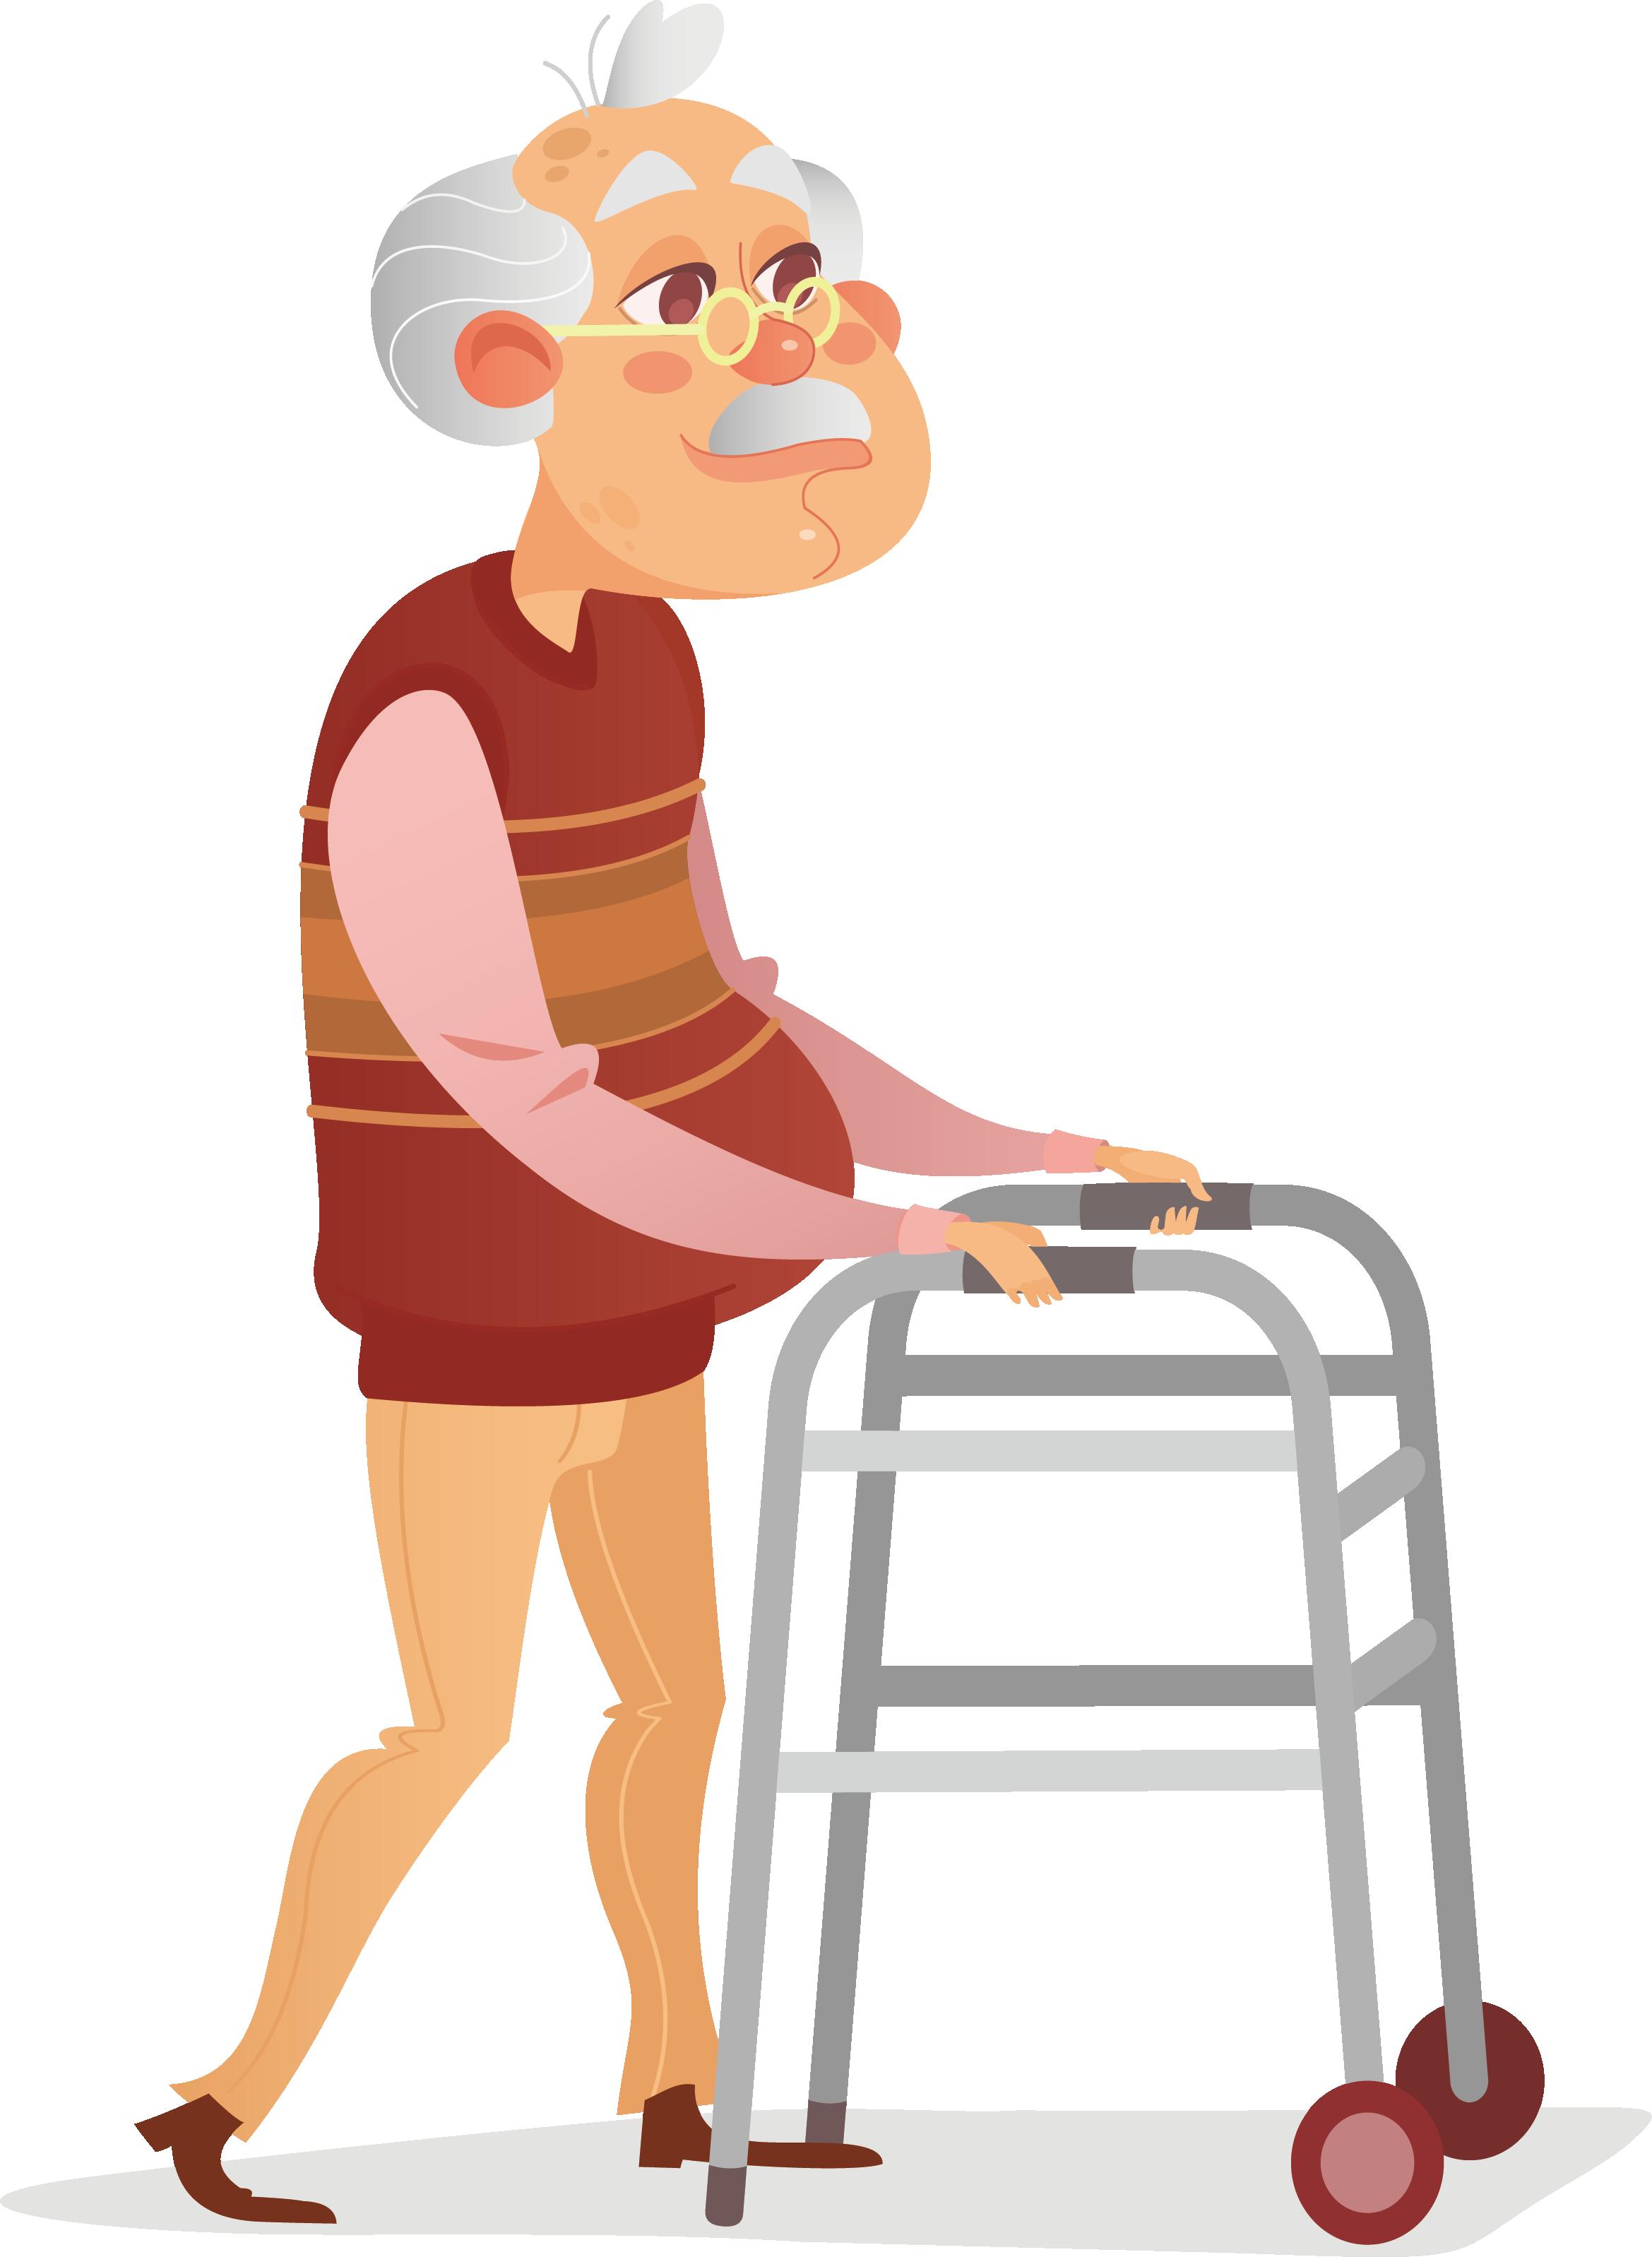 Clipart walking man illustration. Disability wheelchair crutch an